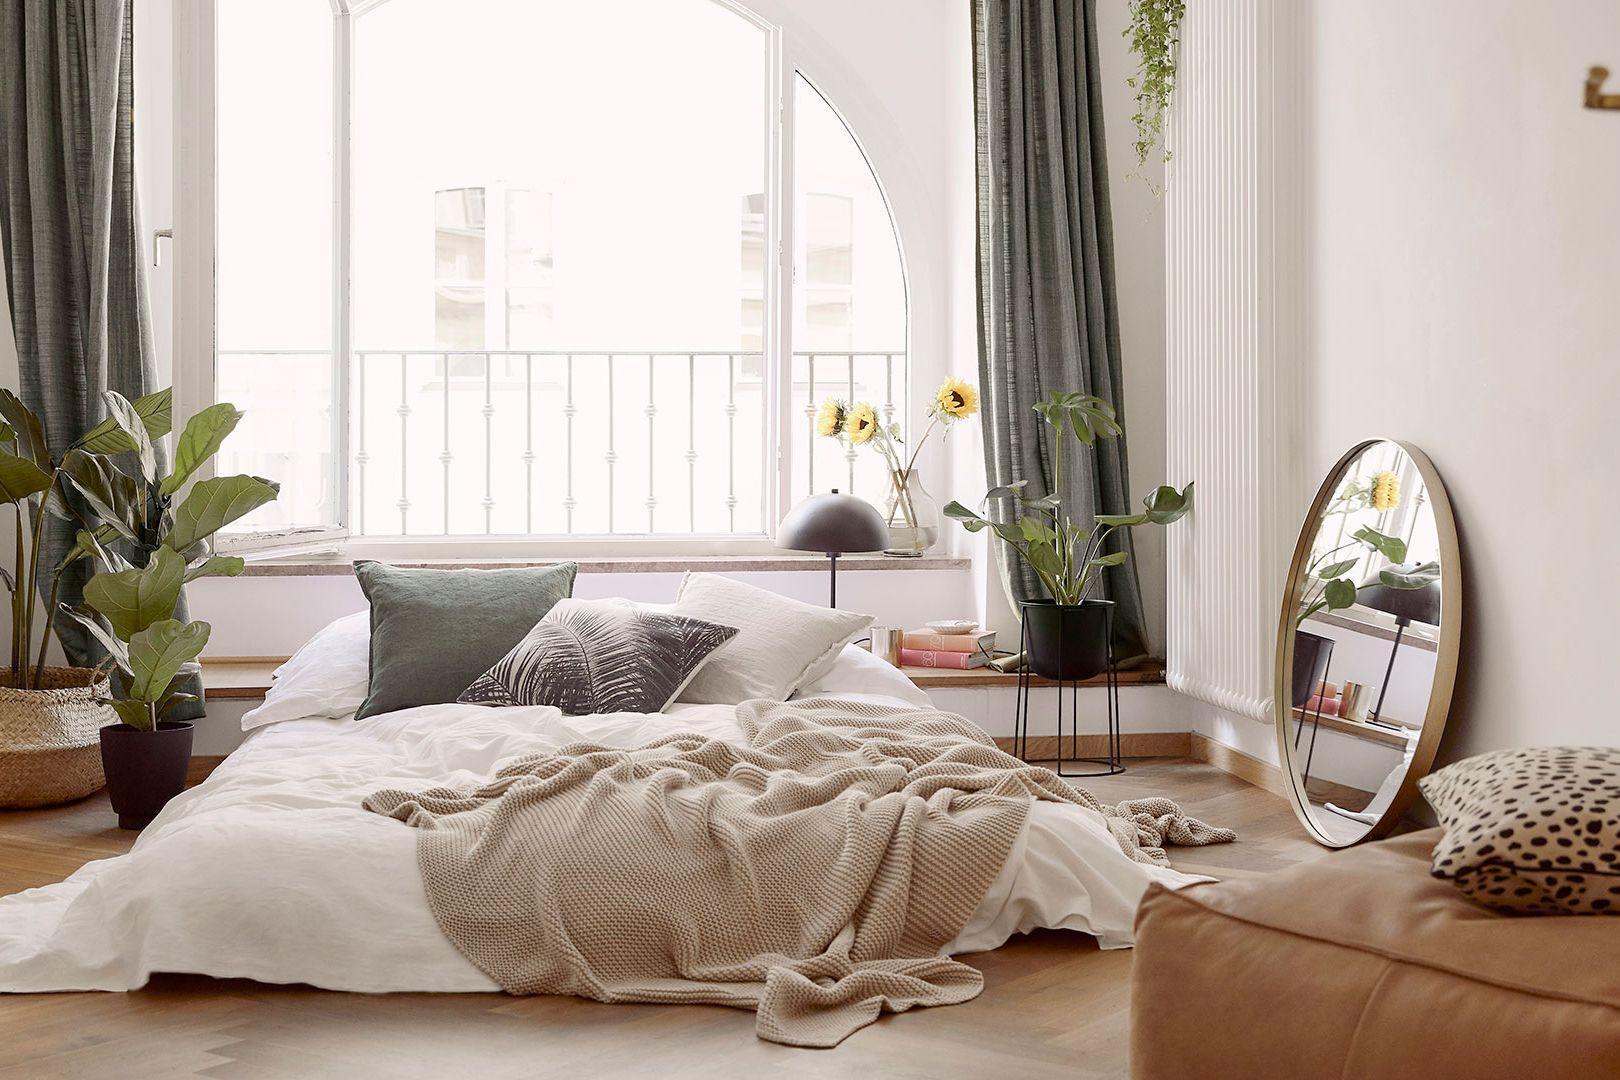 Schlaf-Wohnlounge